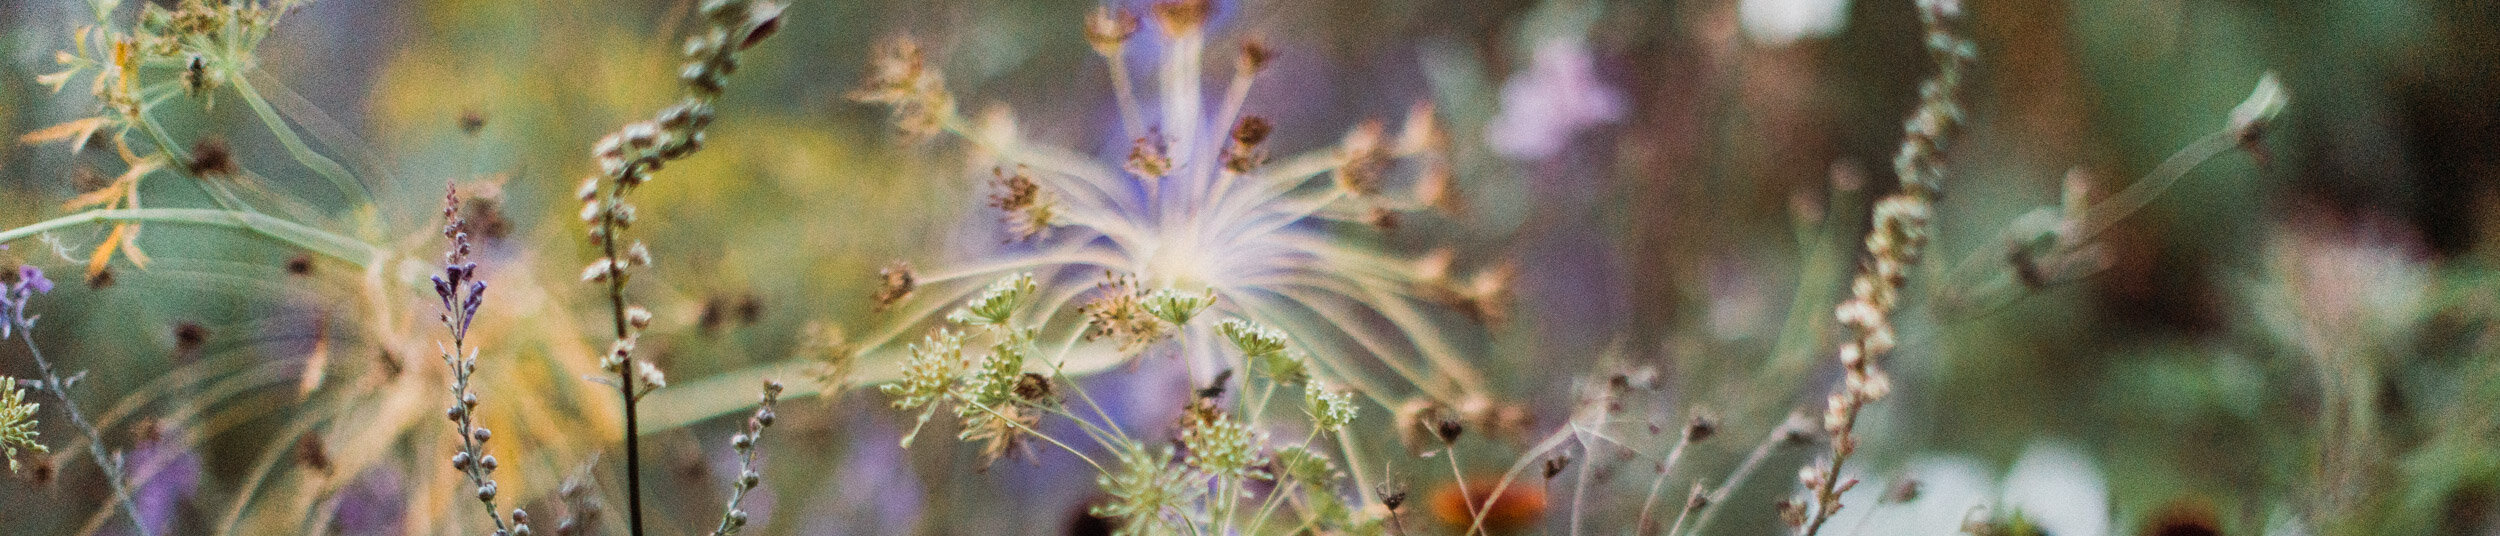 Garden photography for garden professionals and garden media. -